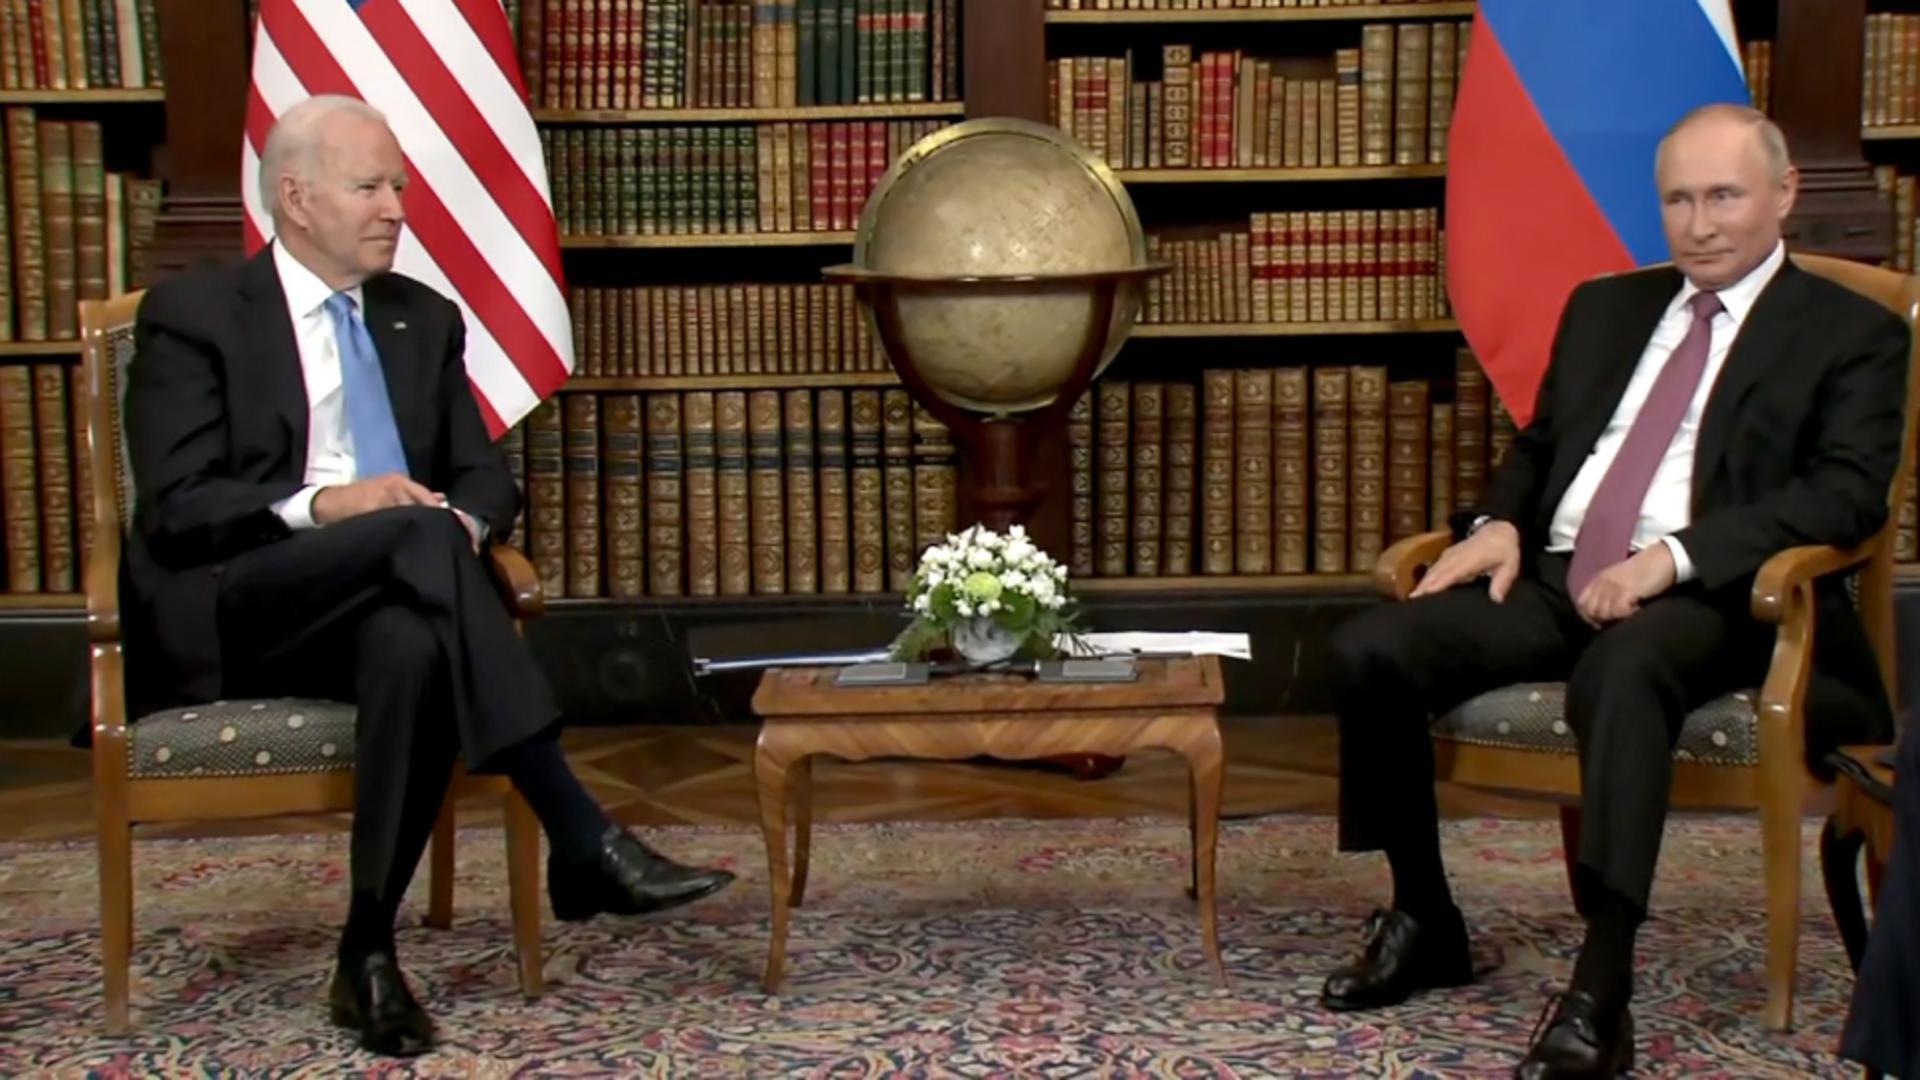 Întâlnire de gradul zero între cei mai mari lideri ai lumii - PRIMELE imagini cu Biden și Putin, la Geneva Foto: CNN, RIA Novosti, 16 iunie 2021